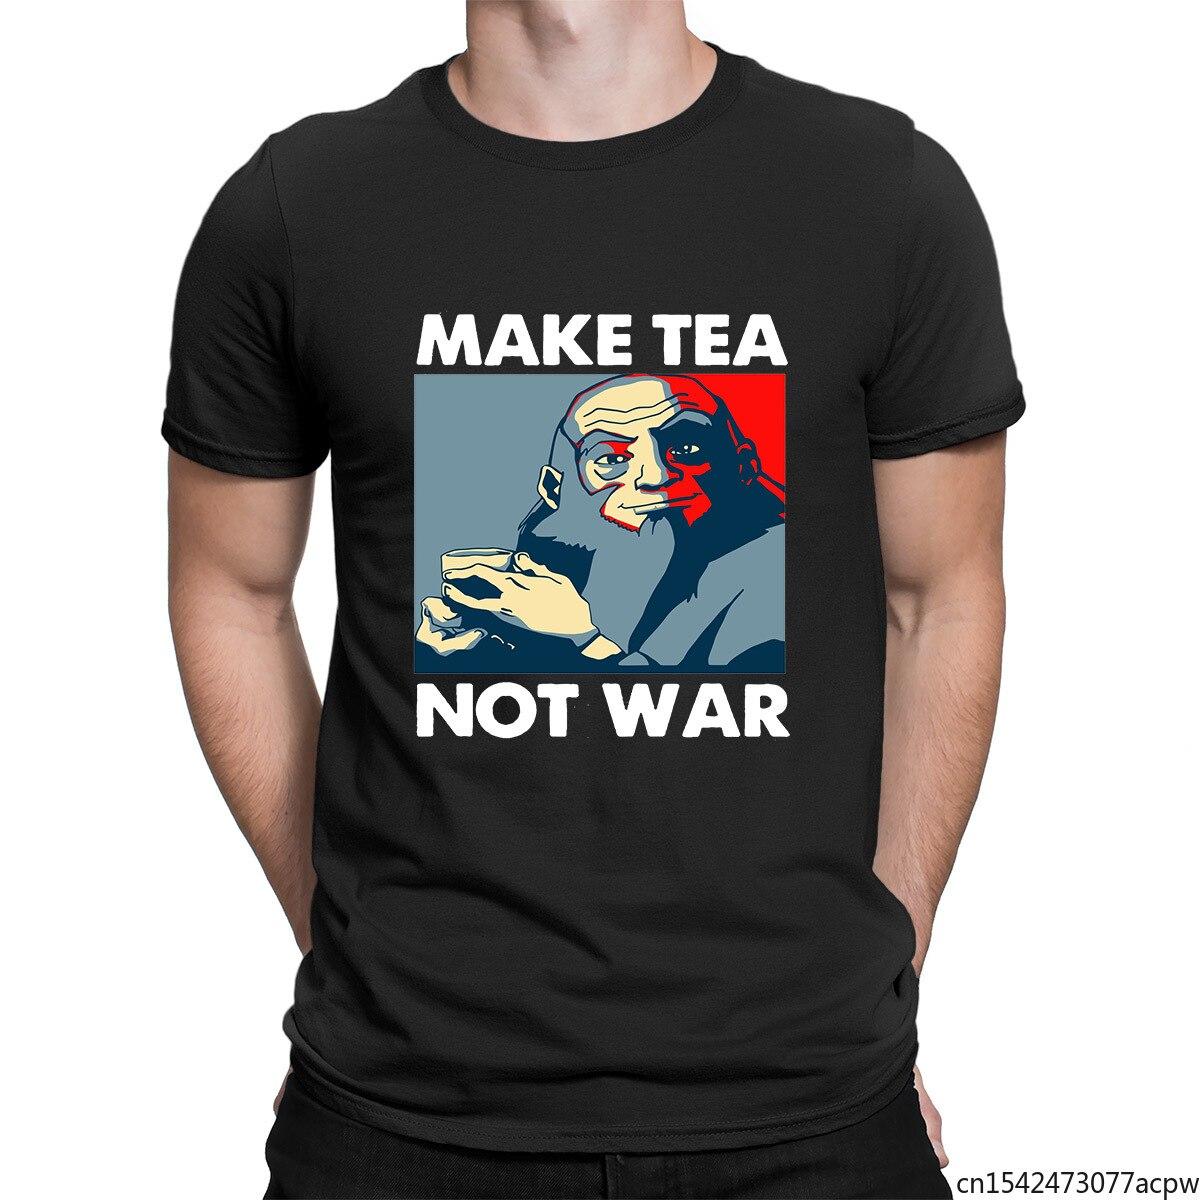 printio make tea not war Make Tea Not War Men's T-Shirt